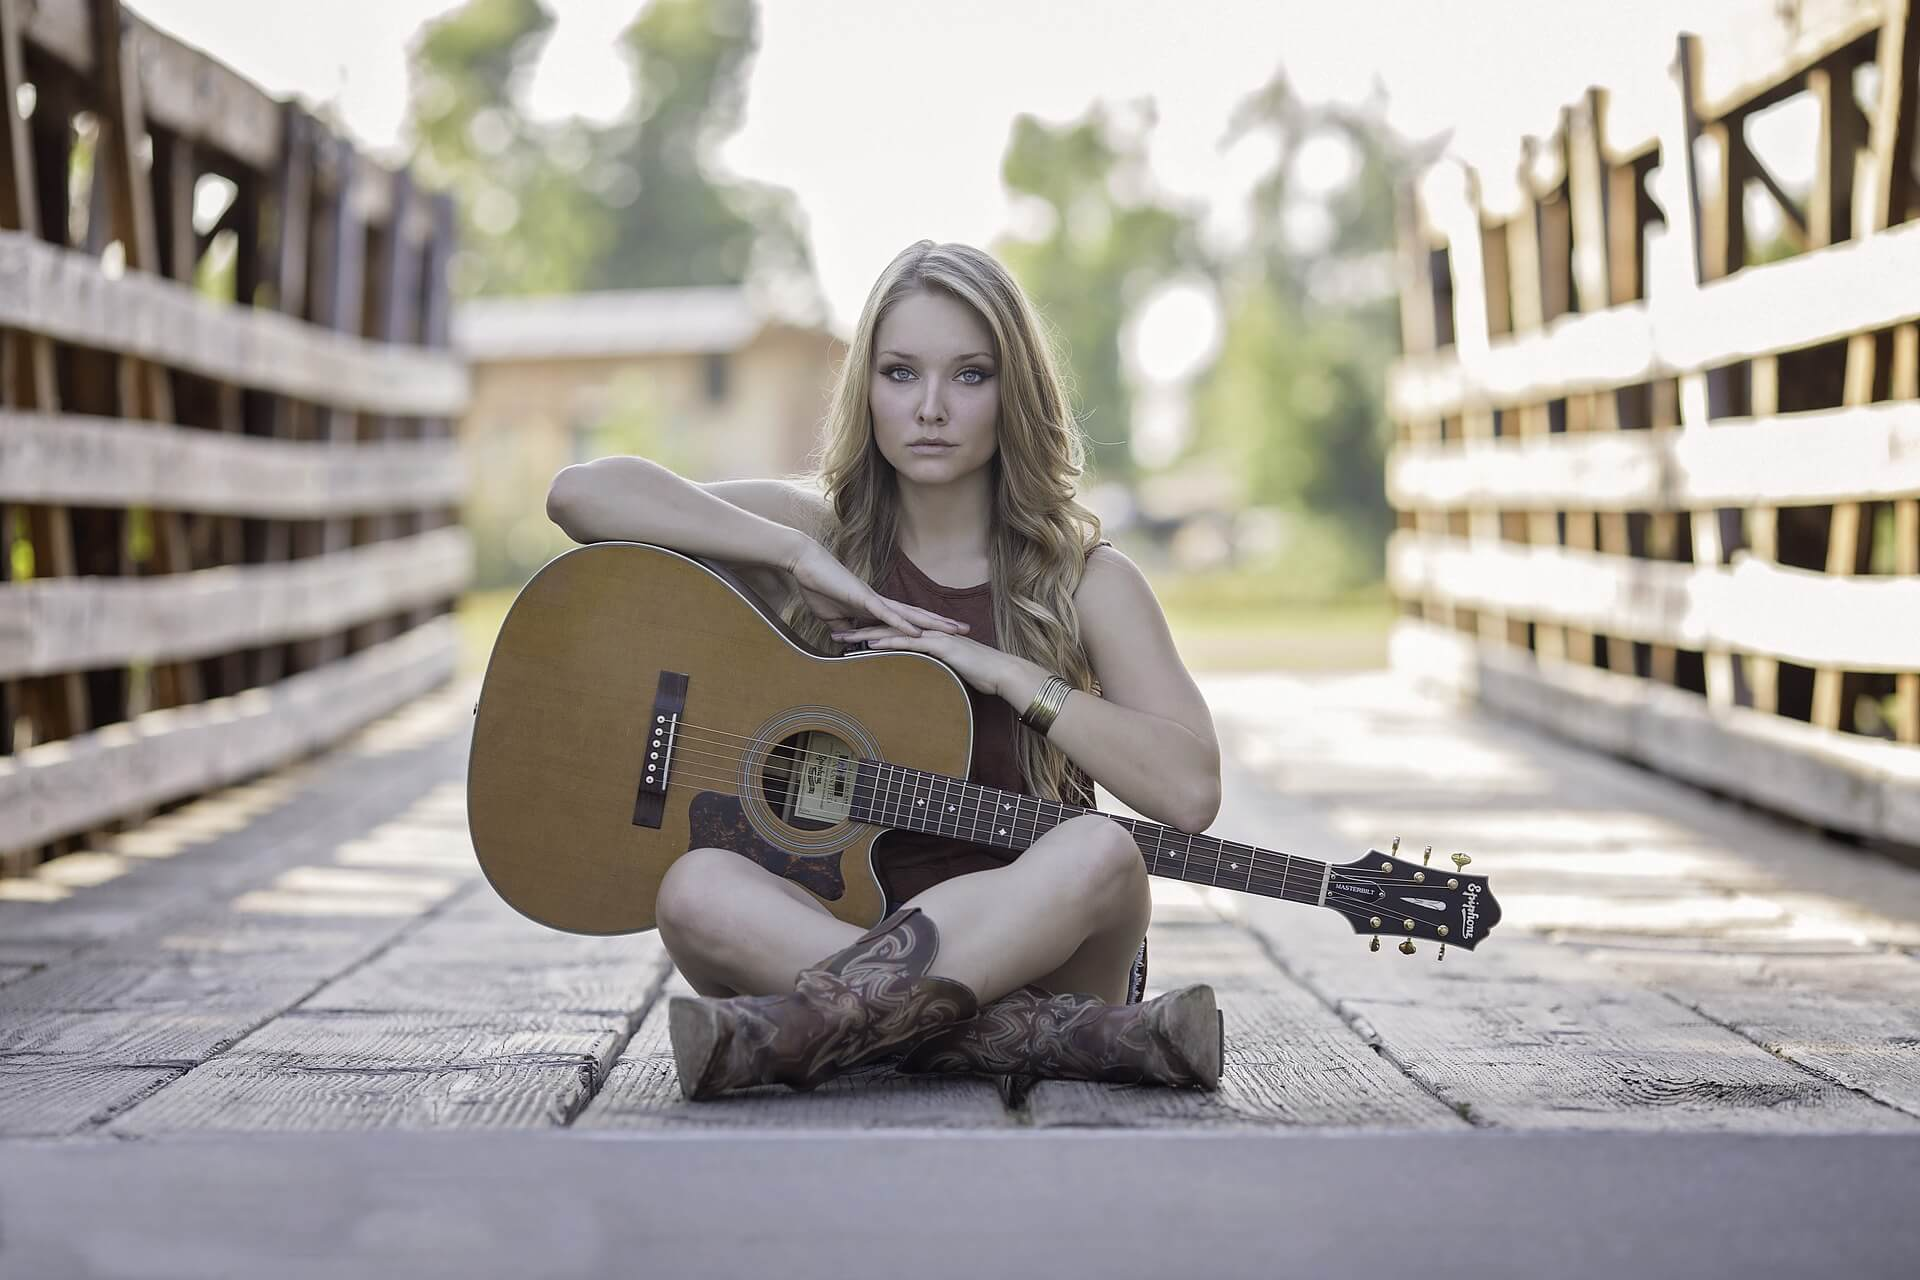 guitar-944261_1920